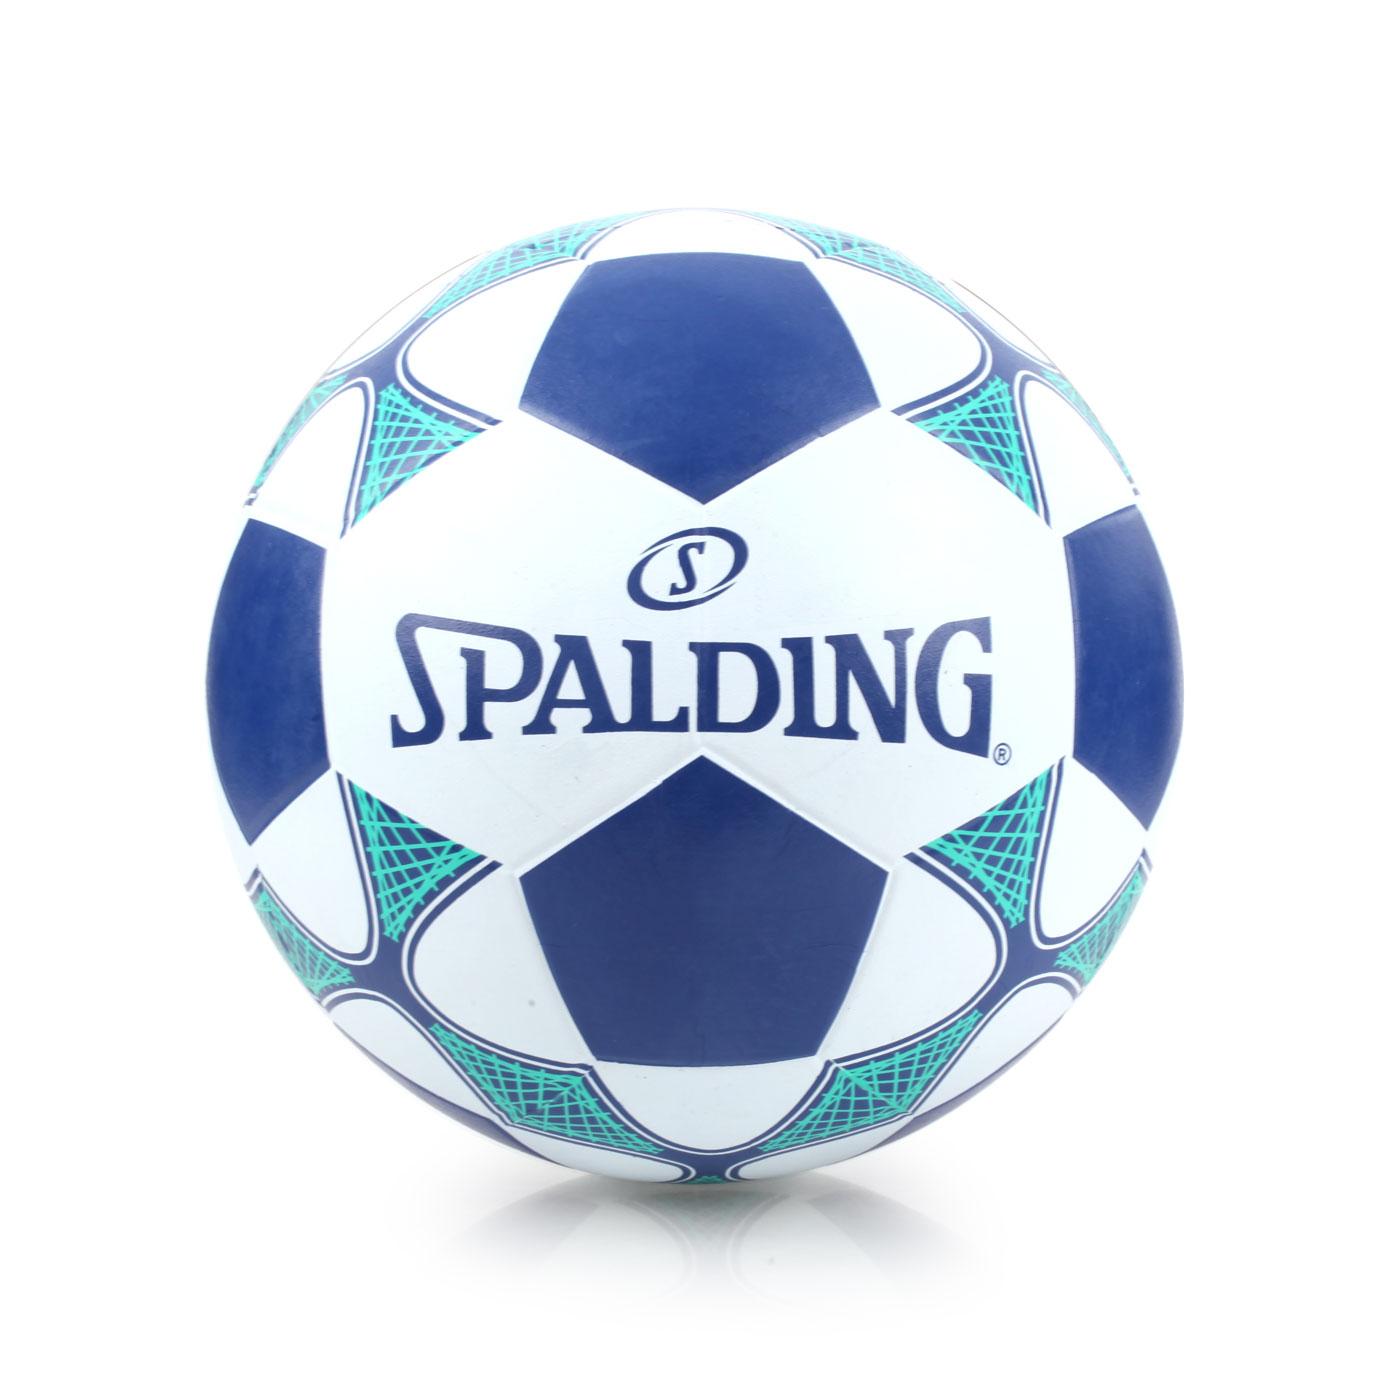 SPALDING Team 足球 #5 SPBC5002 - 白丈青綠